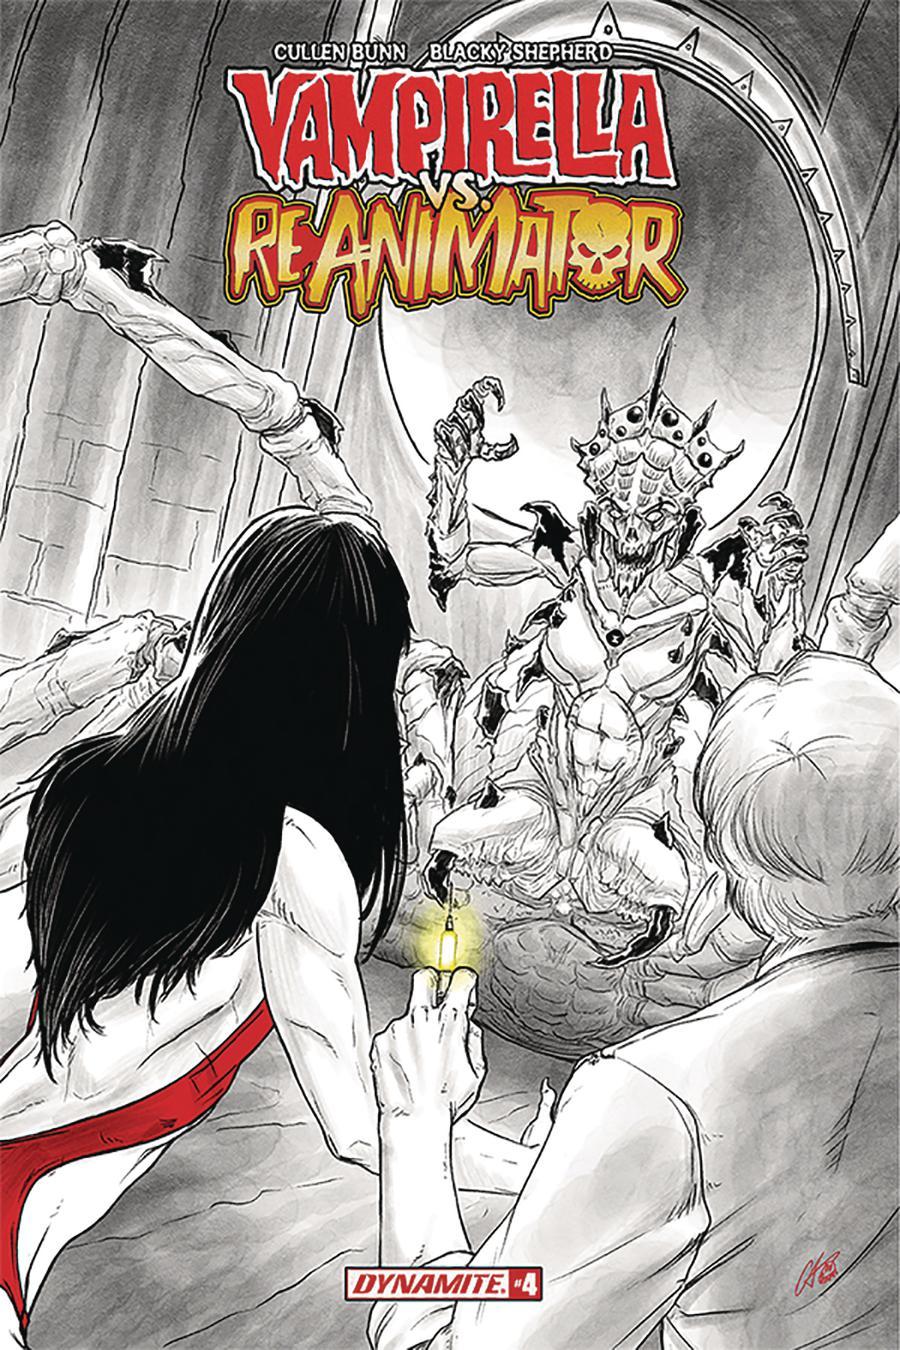 Vampirella vs Reanimator #4 Cover C Variant Blacky Shepherd Cover